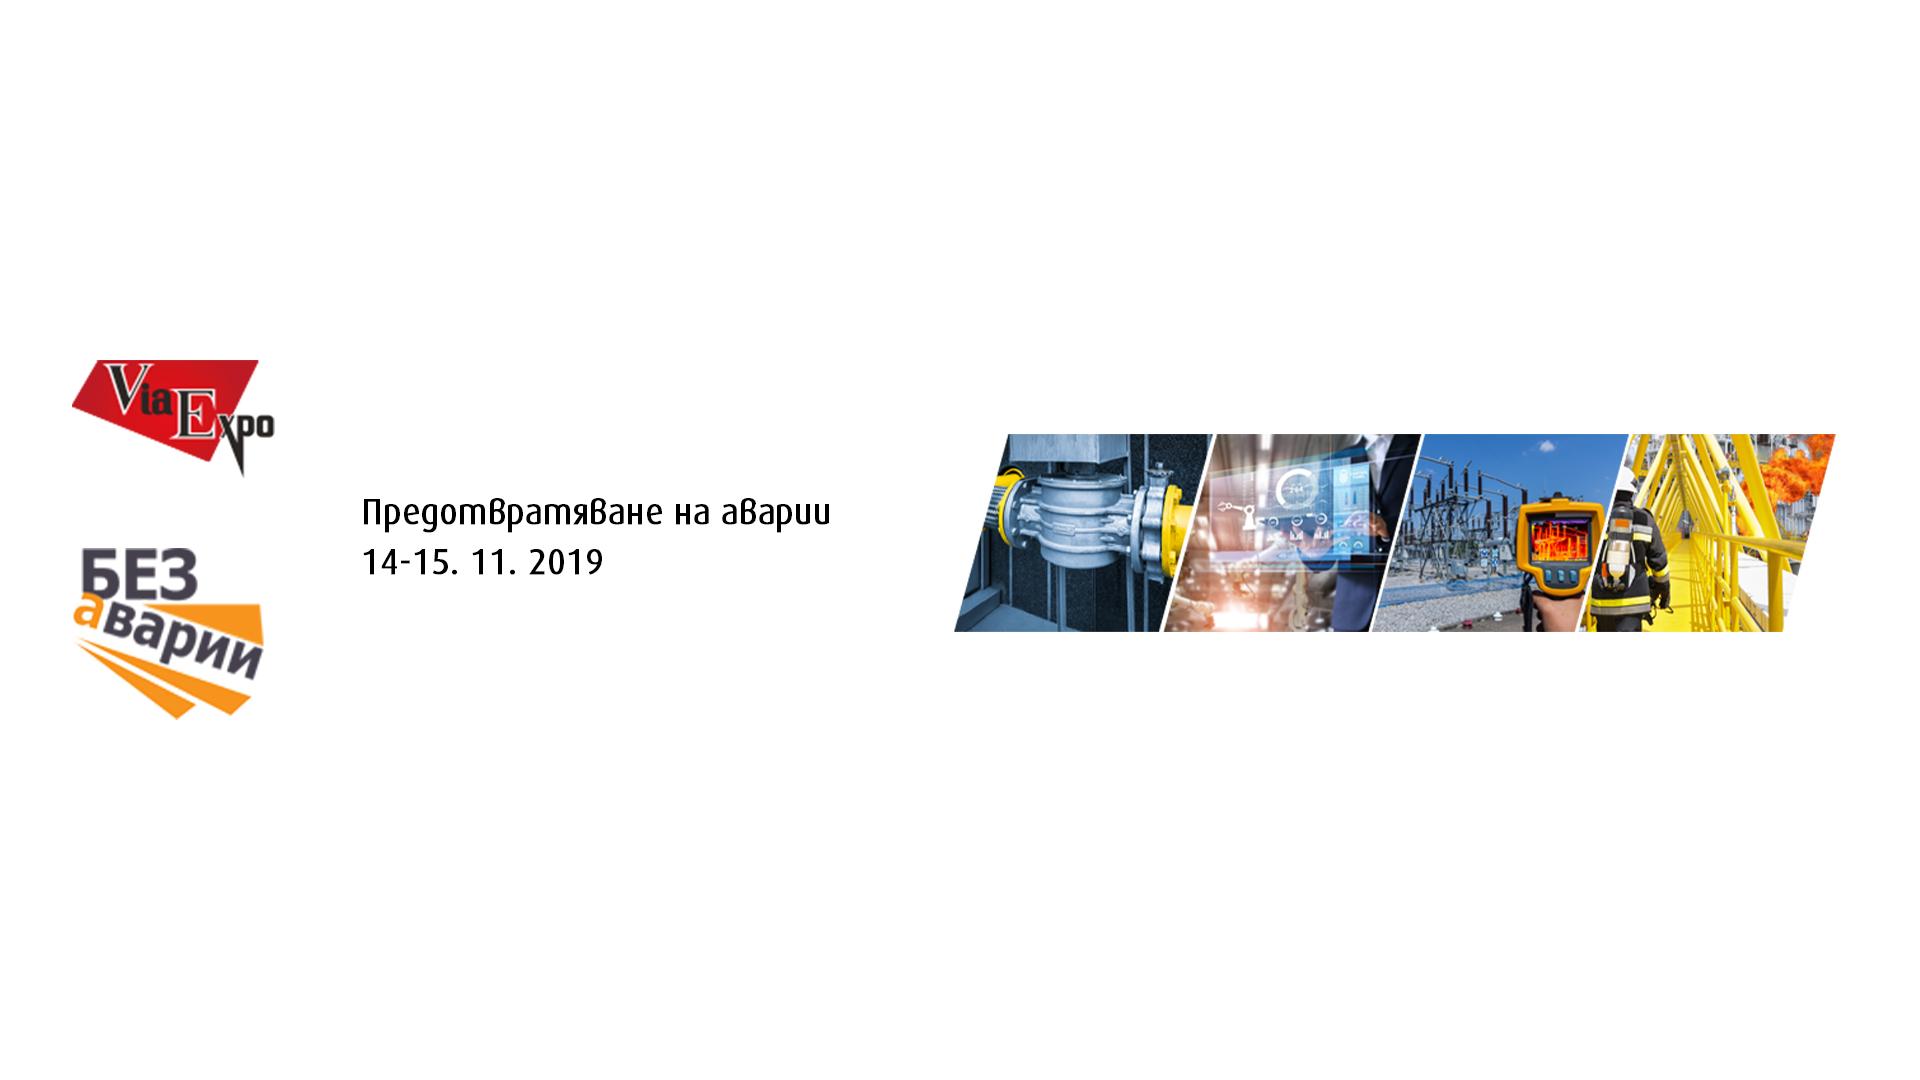 """КОНФЕРЕНЦИЯ И ИЗЛОЖБА НА VIA EXPO, 14 – 15 НОЕМВРИ 2019, ГРАНД ХОТЕЛ """"ПЛОВДИВ"""""""